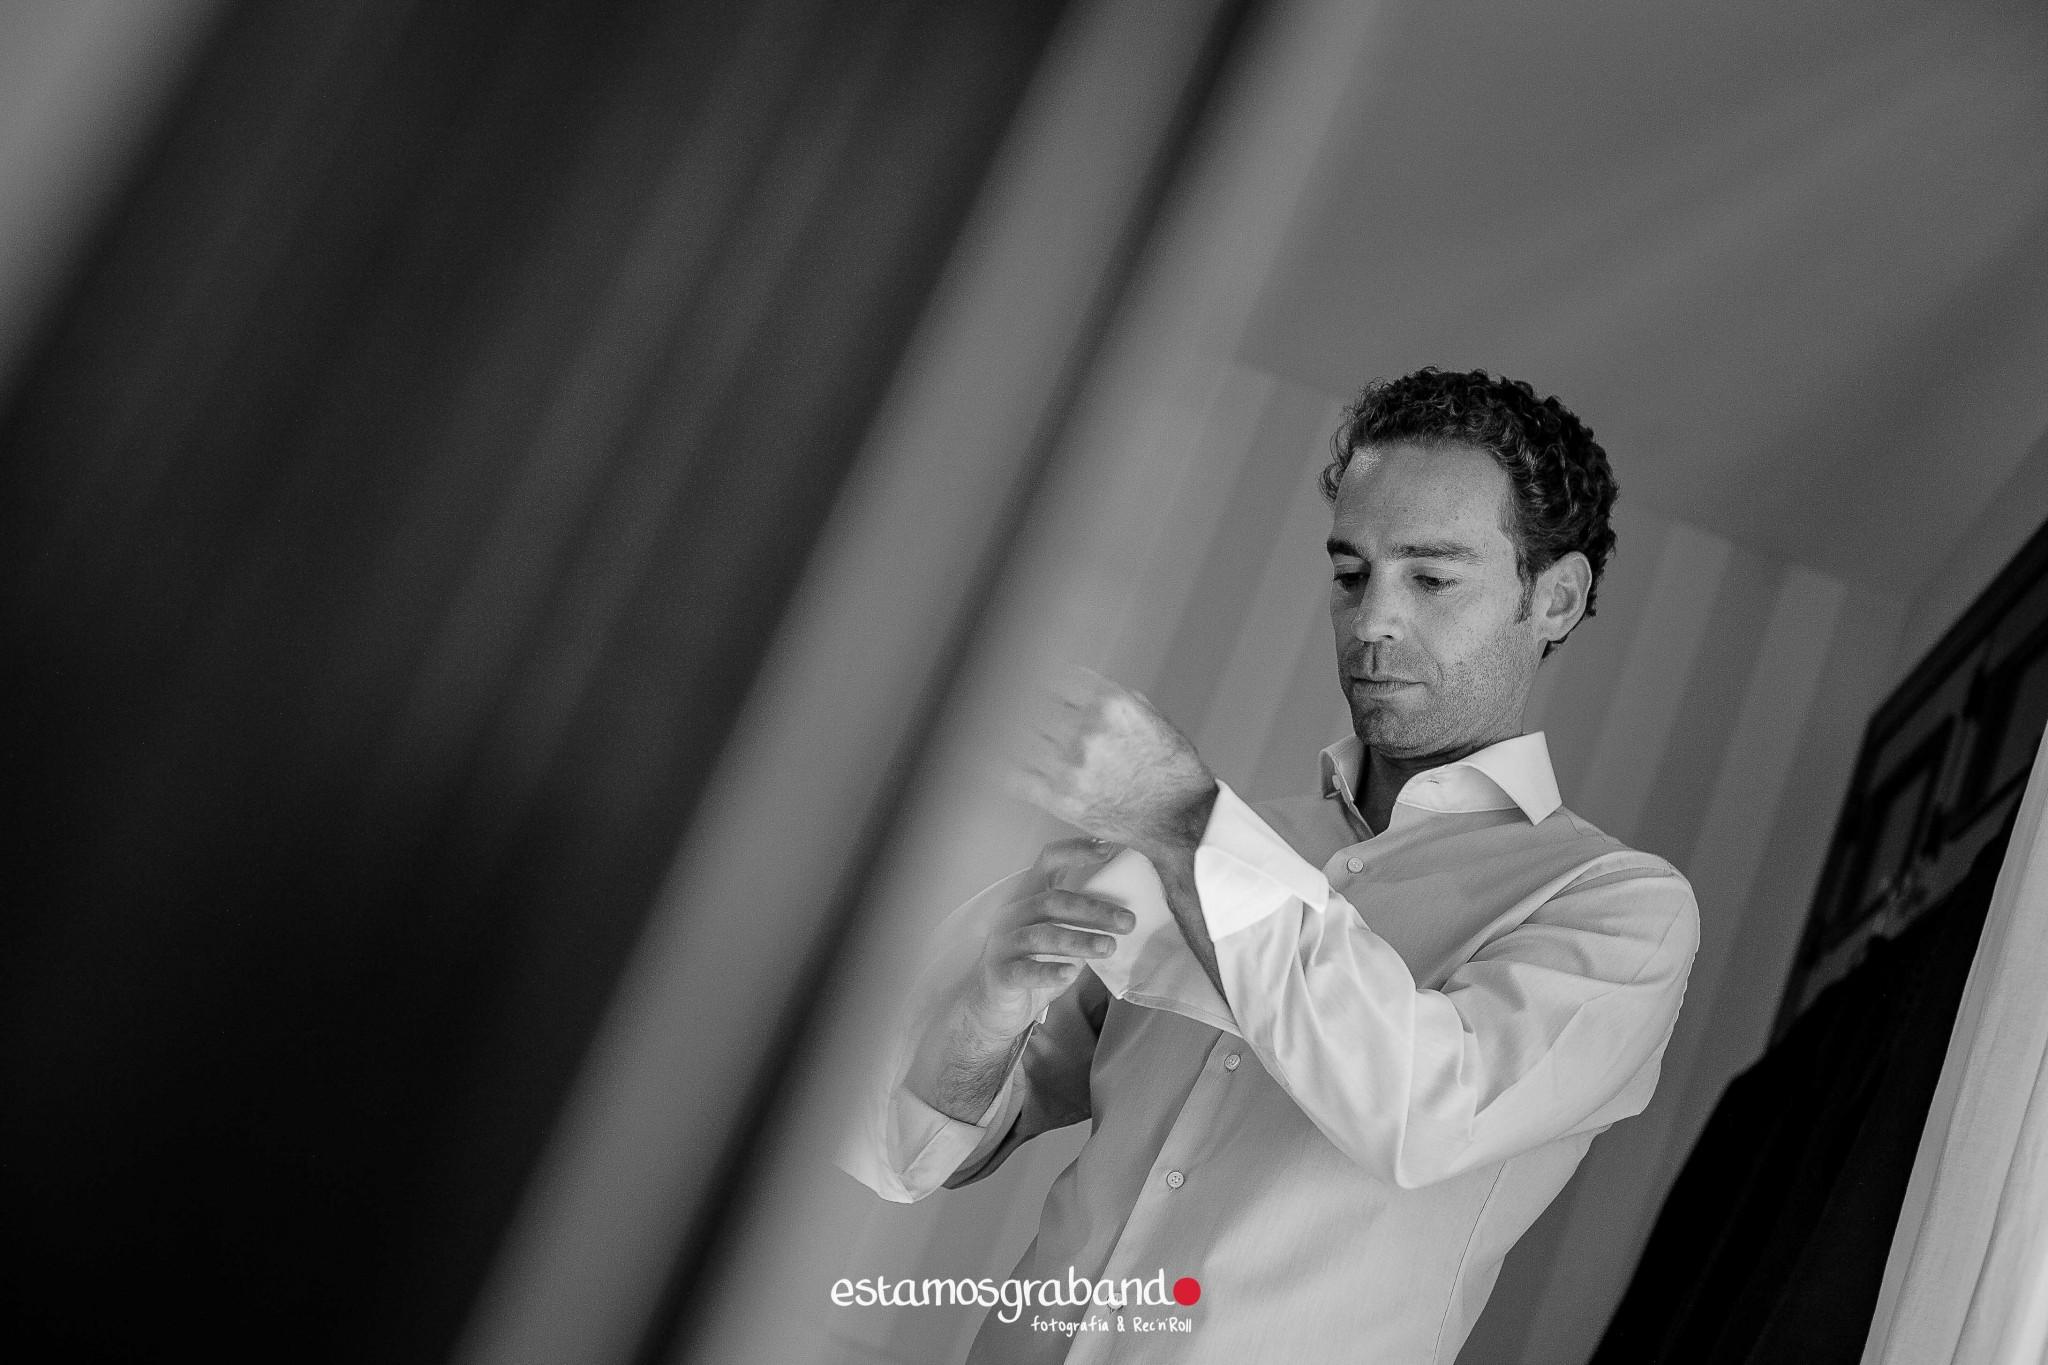 fotografo-de-bodas-jerez_mari-paz-jaime_bodegas-tradiciocc81n-4 32 escalones [Fotografía de bodas Jerez_Mari Paz & Jaime] - video boda cadiz